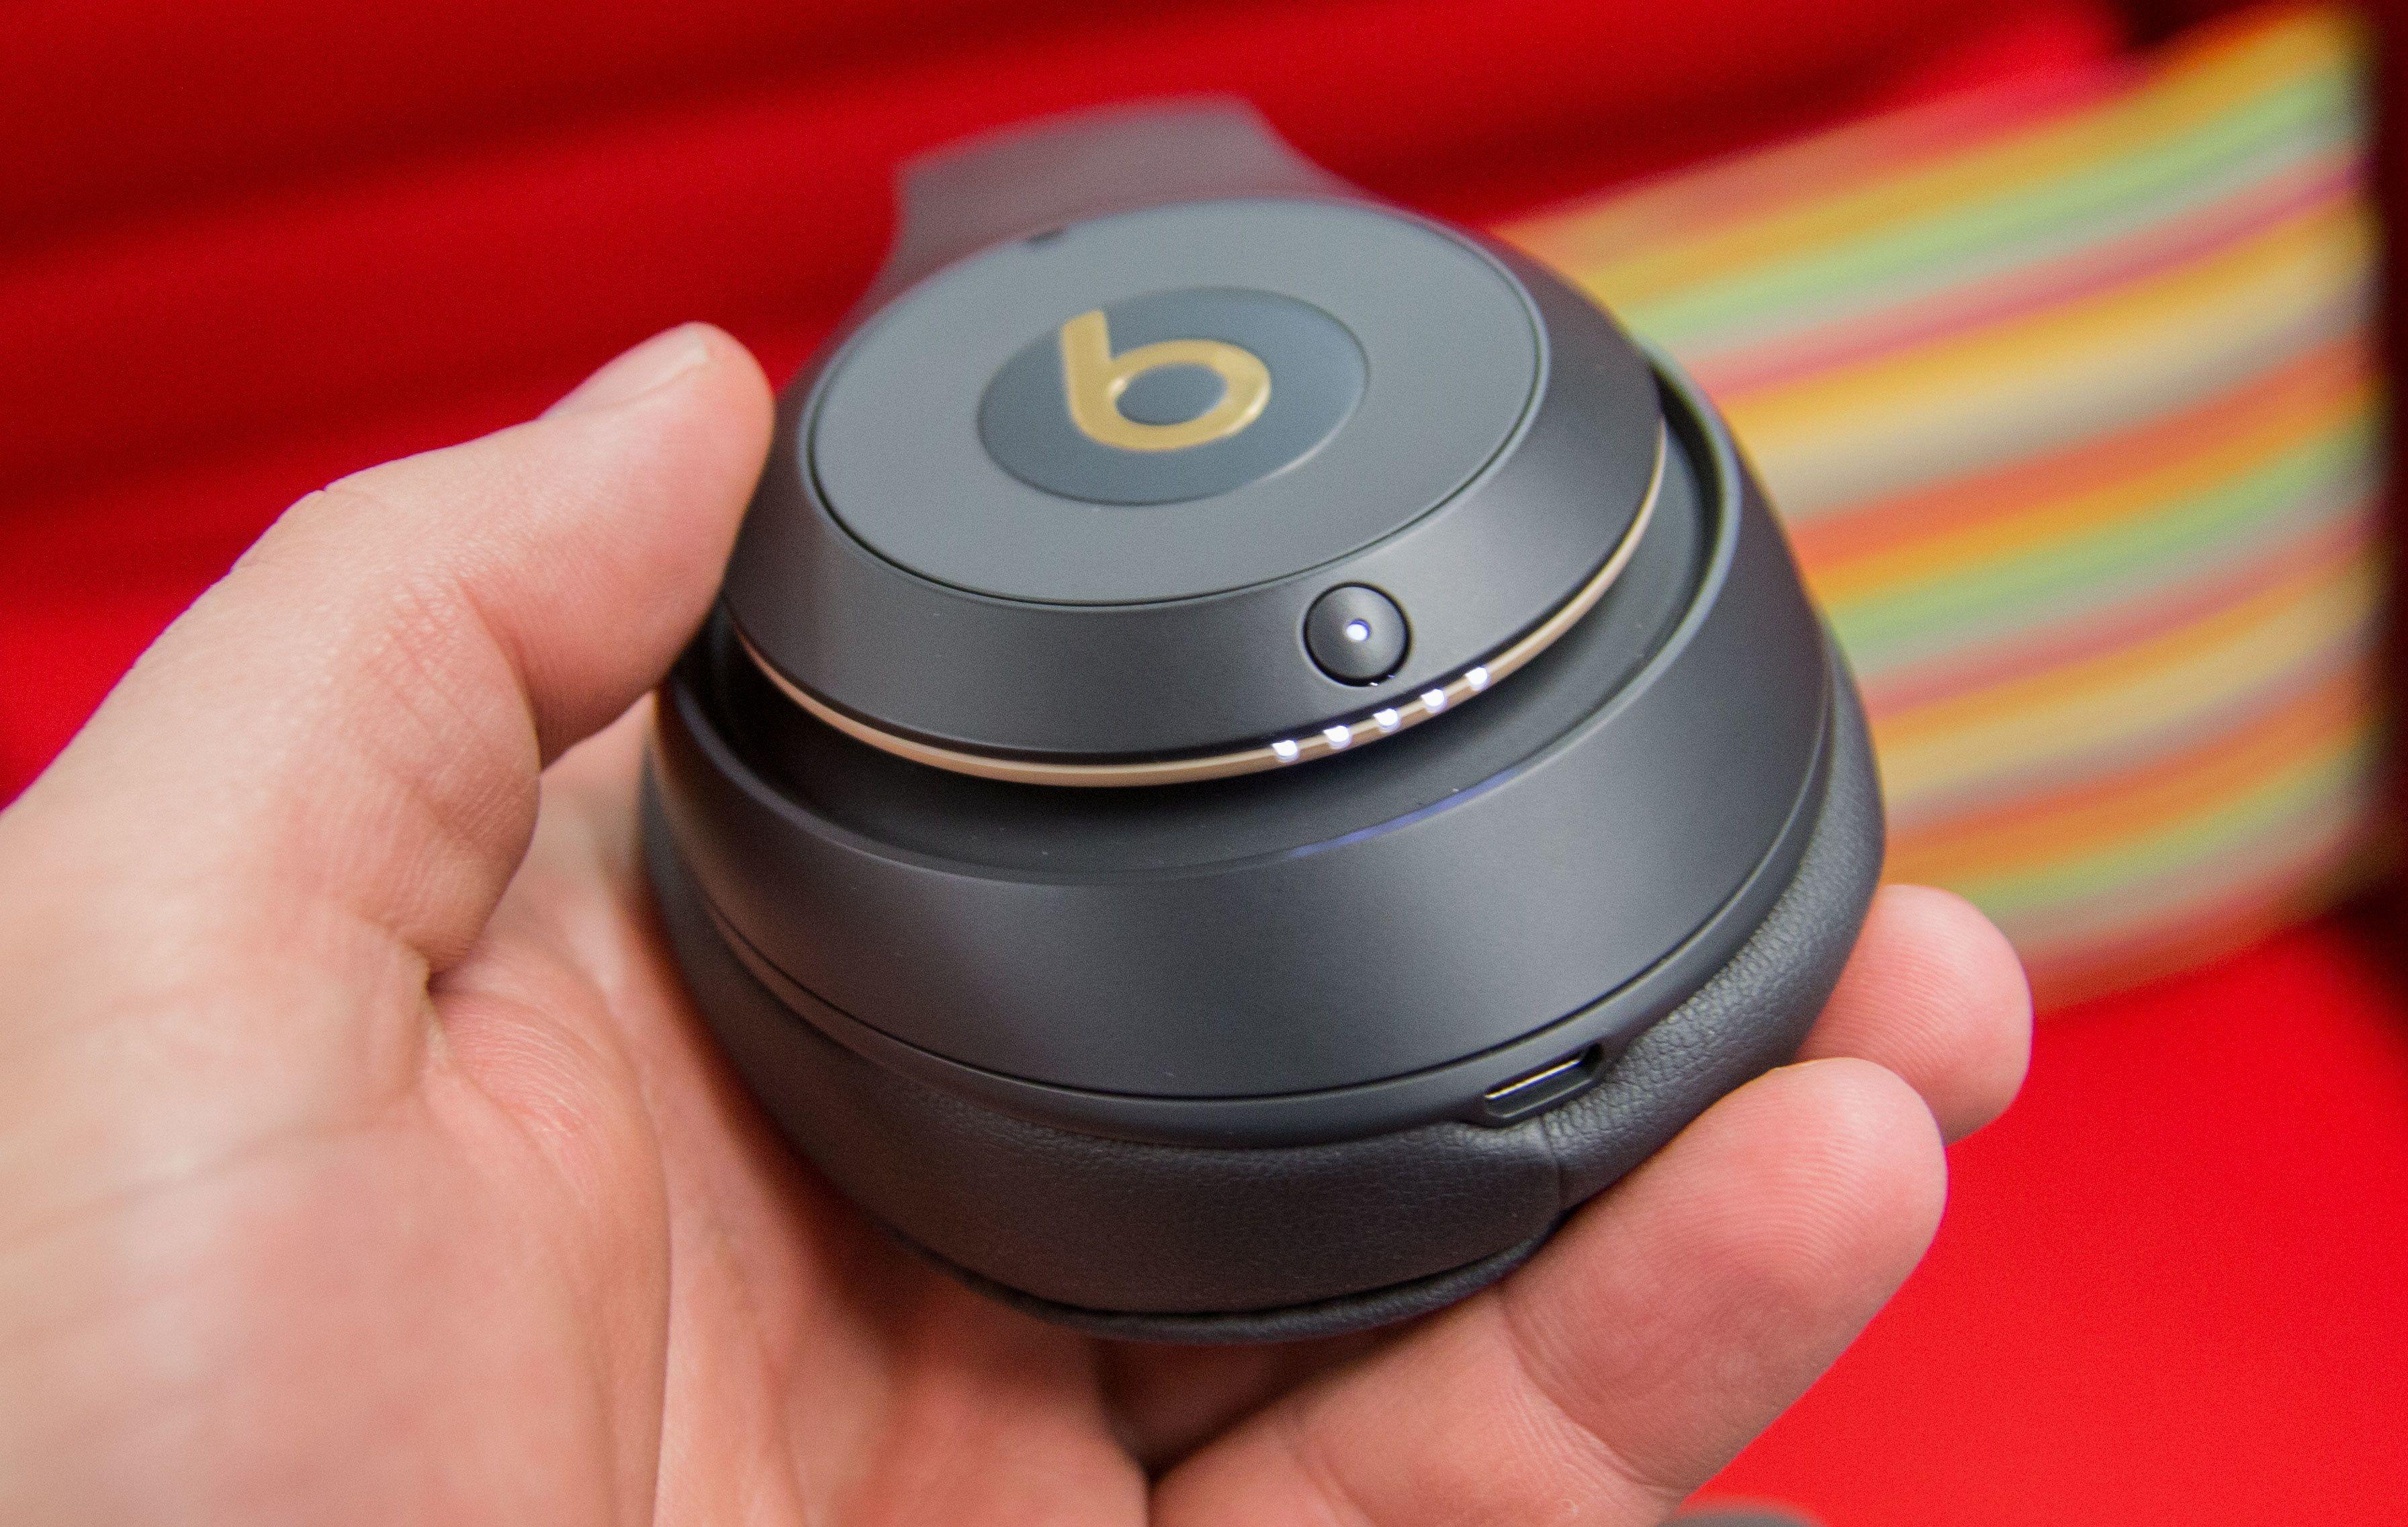 På den ene klokken har du en egen batteri-indikator. Bilde: Ole Henrik Johansen / Tek.no